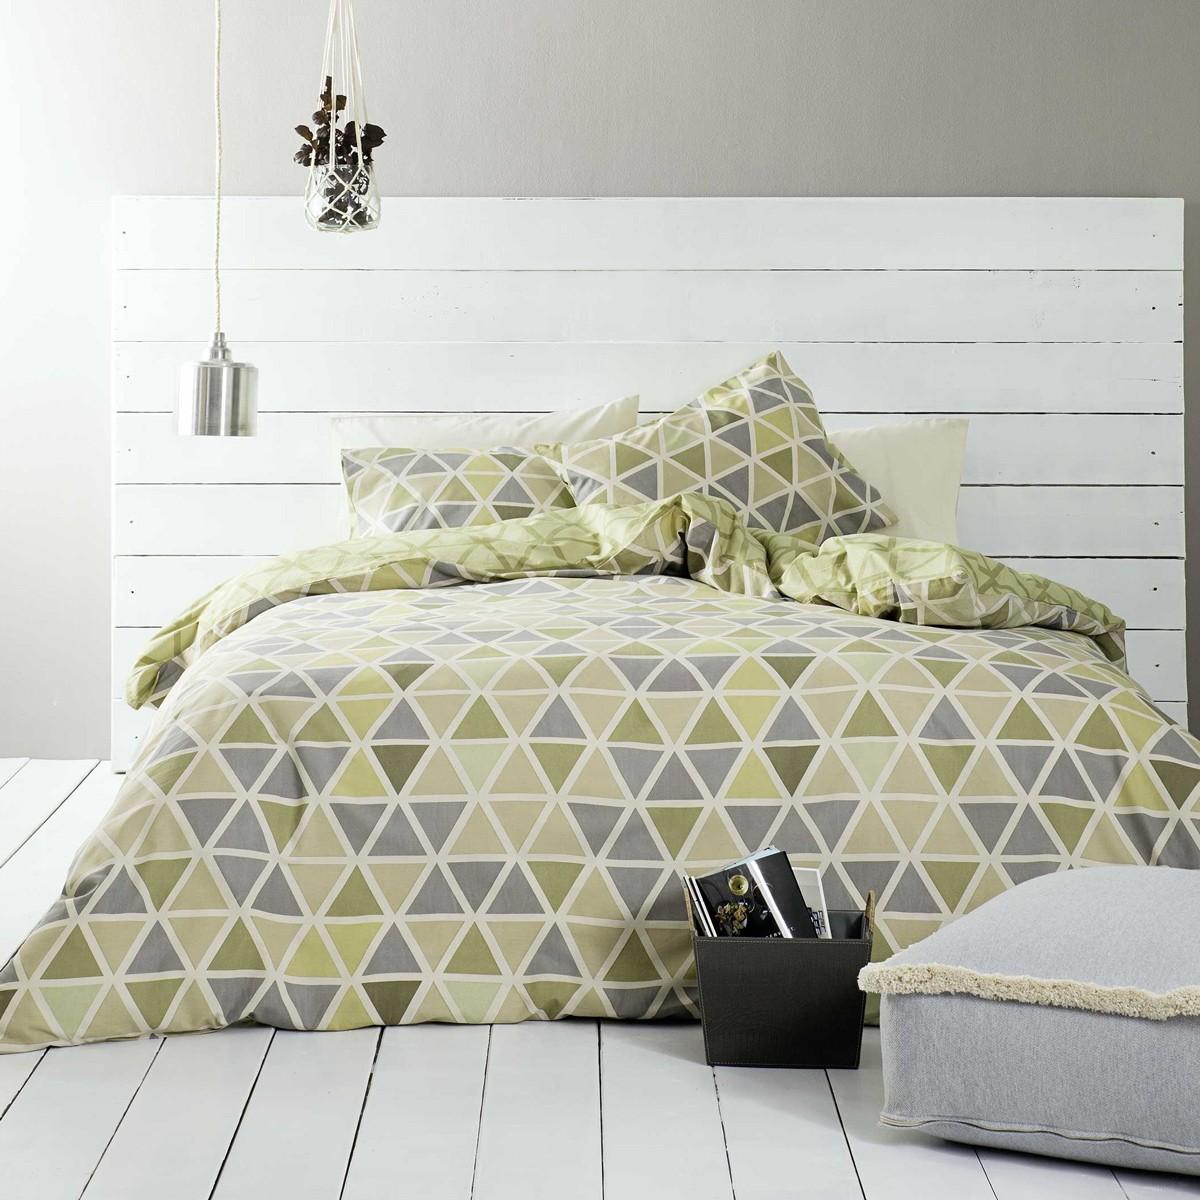 Παπλωματοθήκη Υπέρδιπλη (Σετ) Nima Bed Linen Monterrey Green